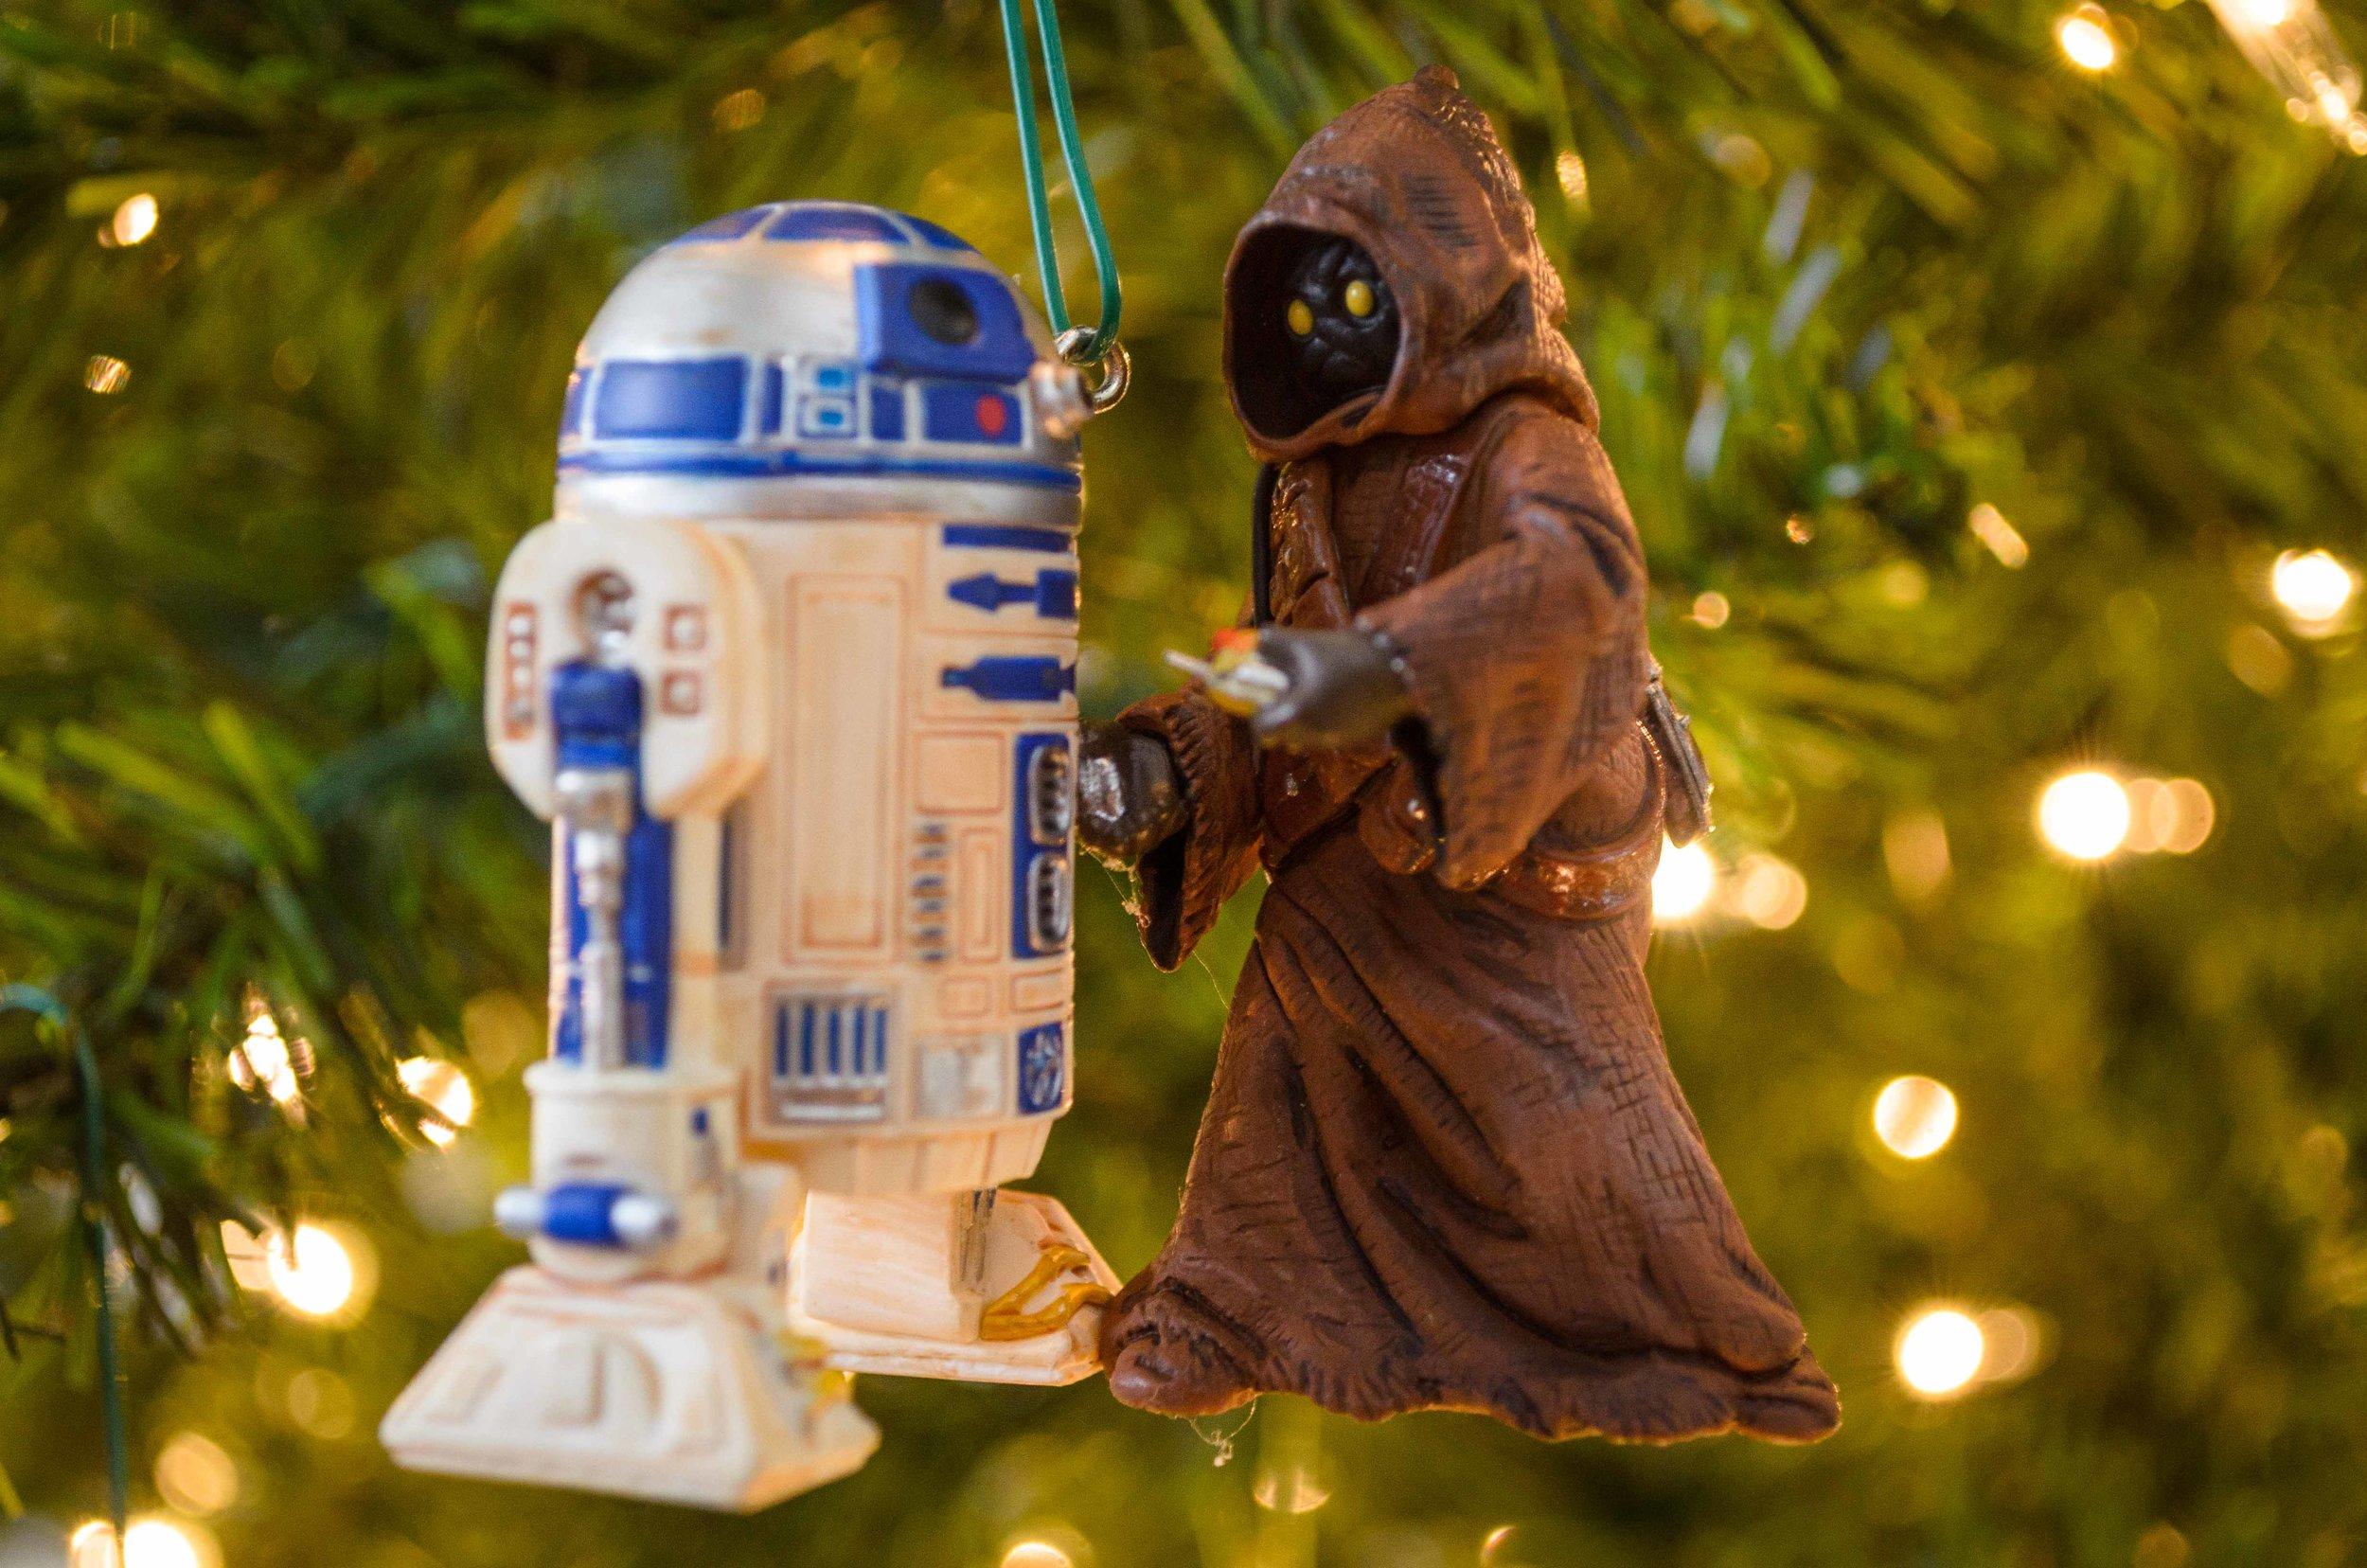 R2-D2 and a Jawa